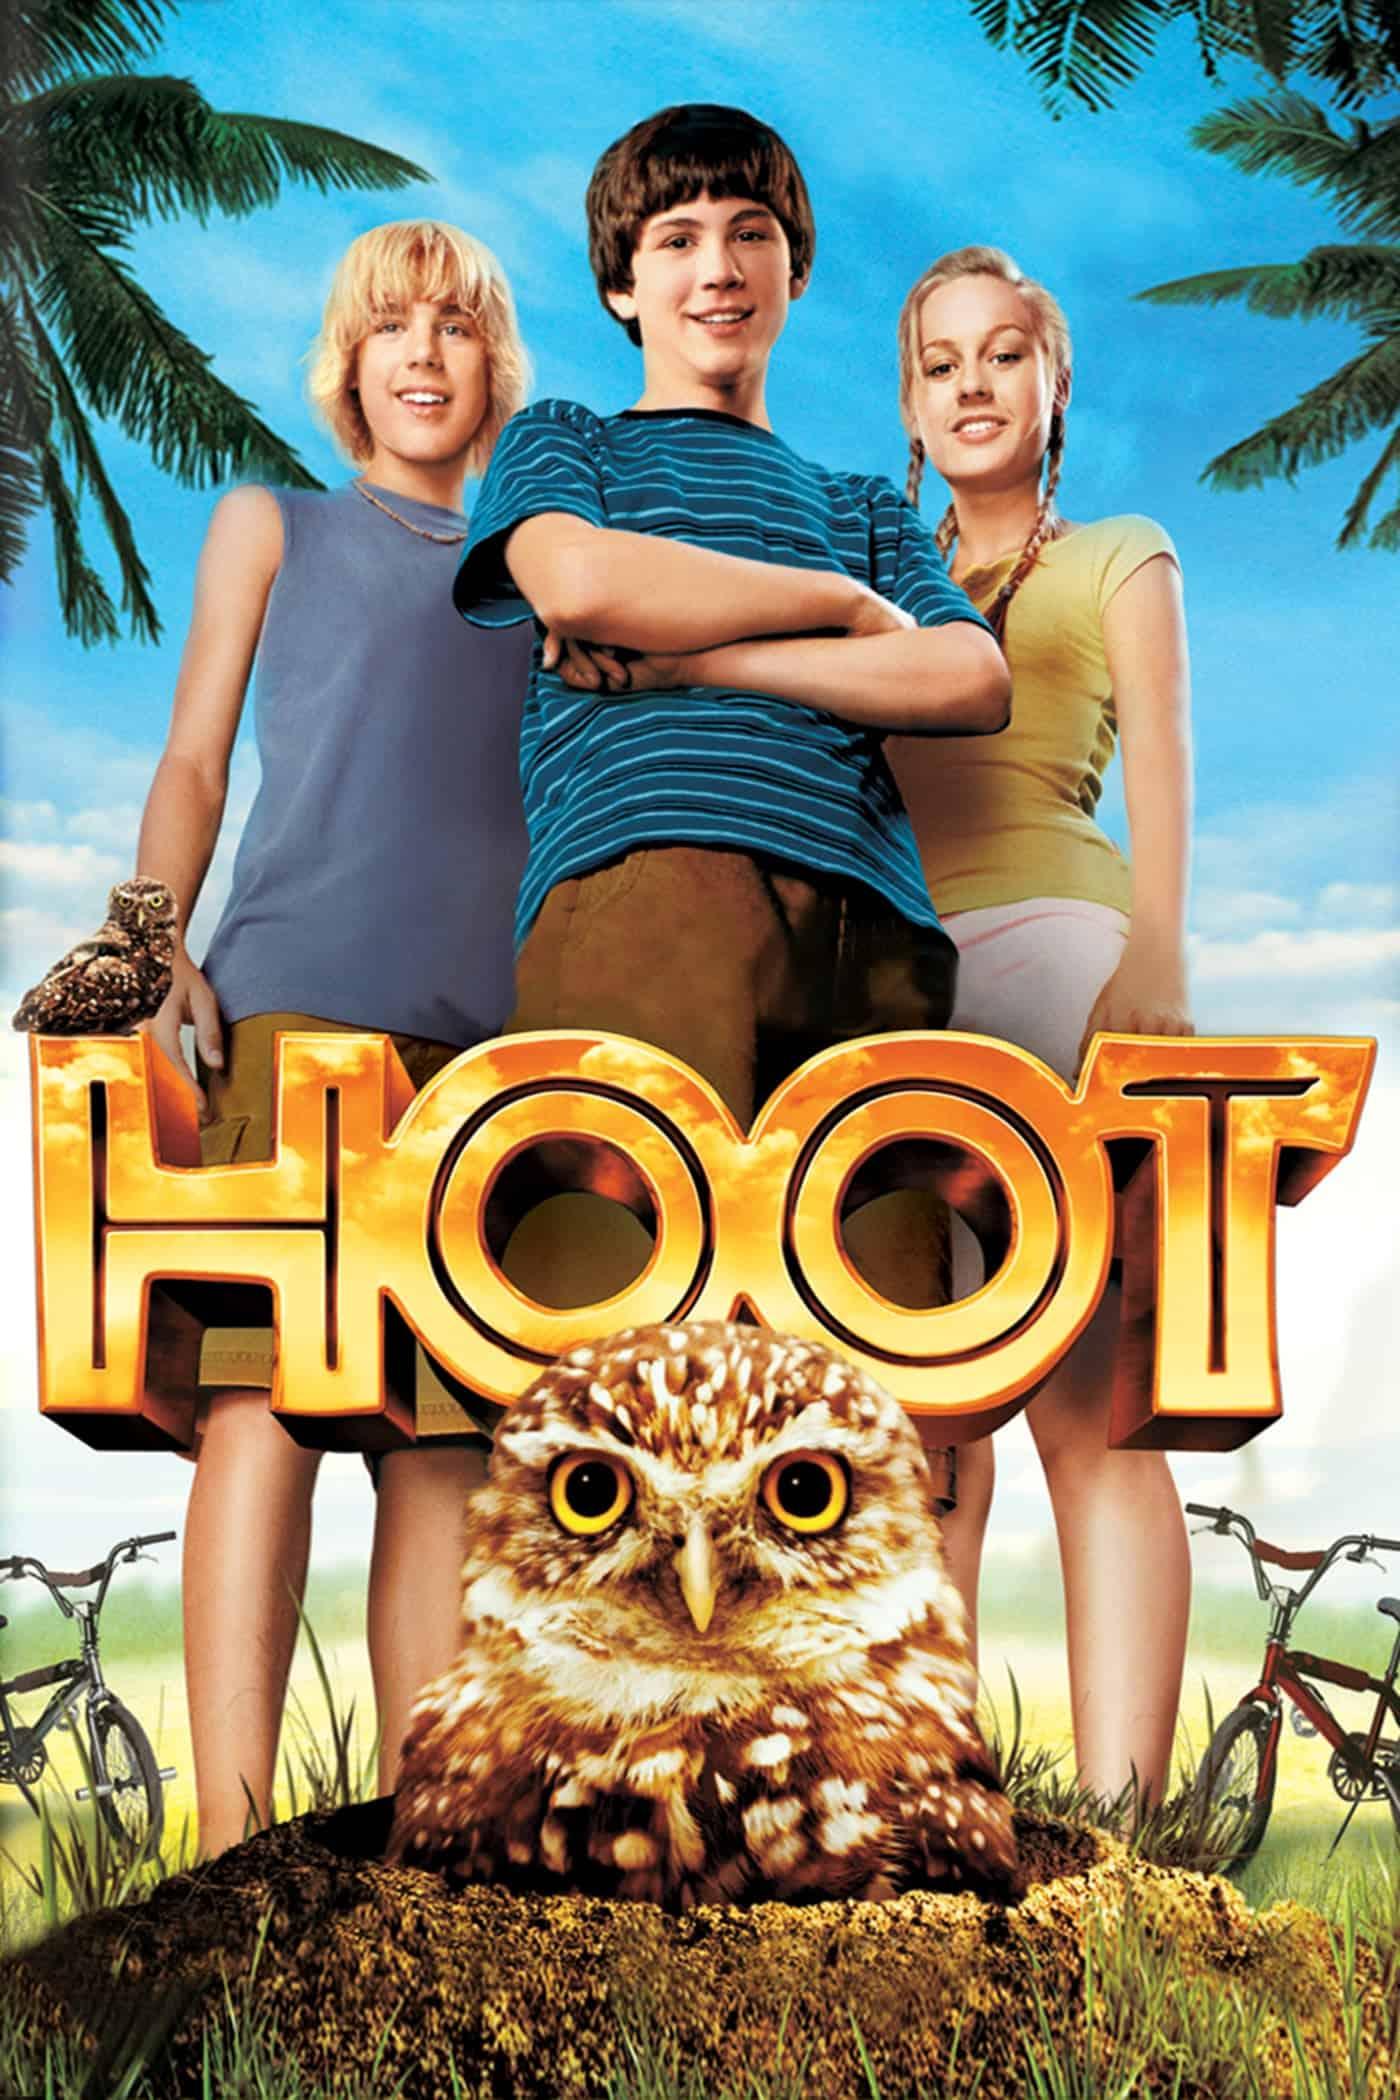 Hoot, 2006